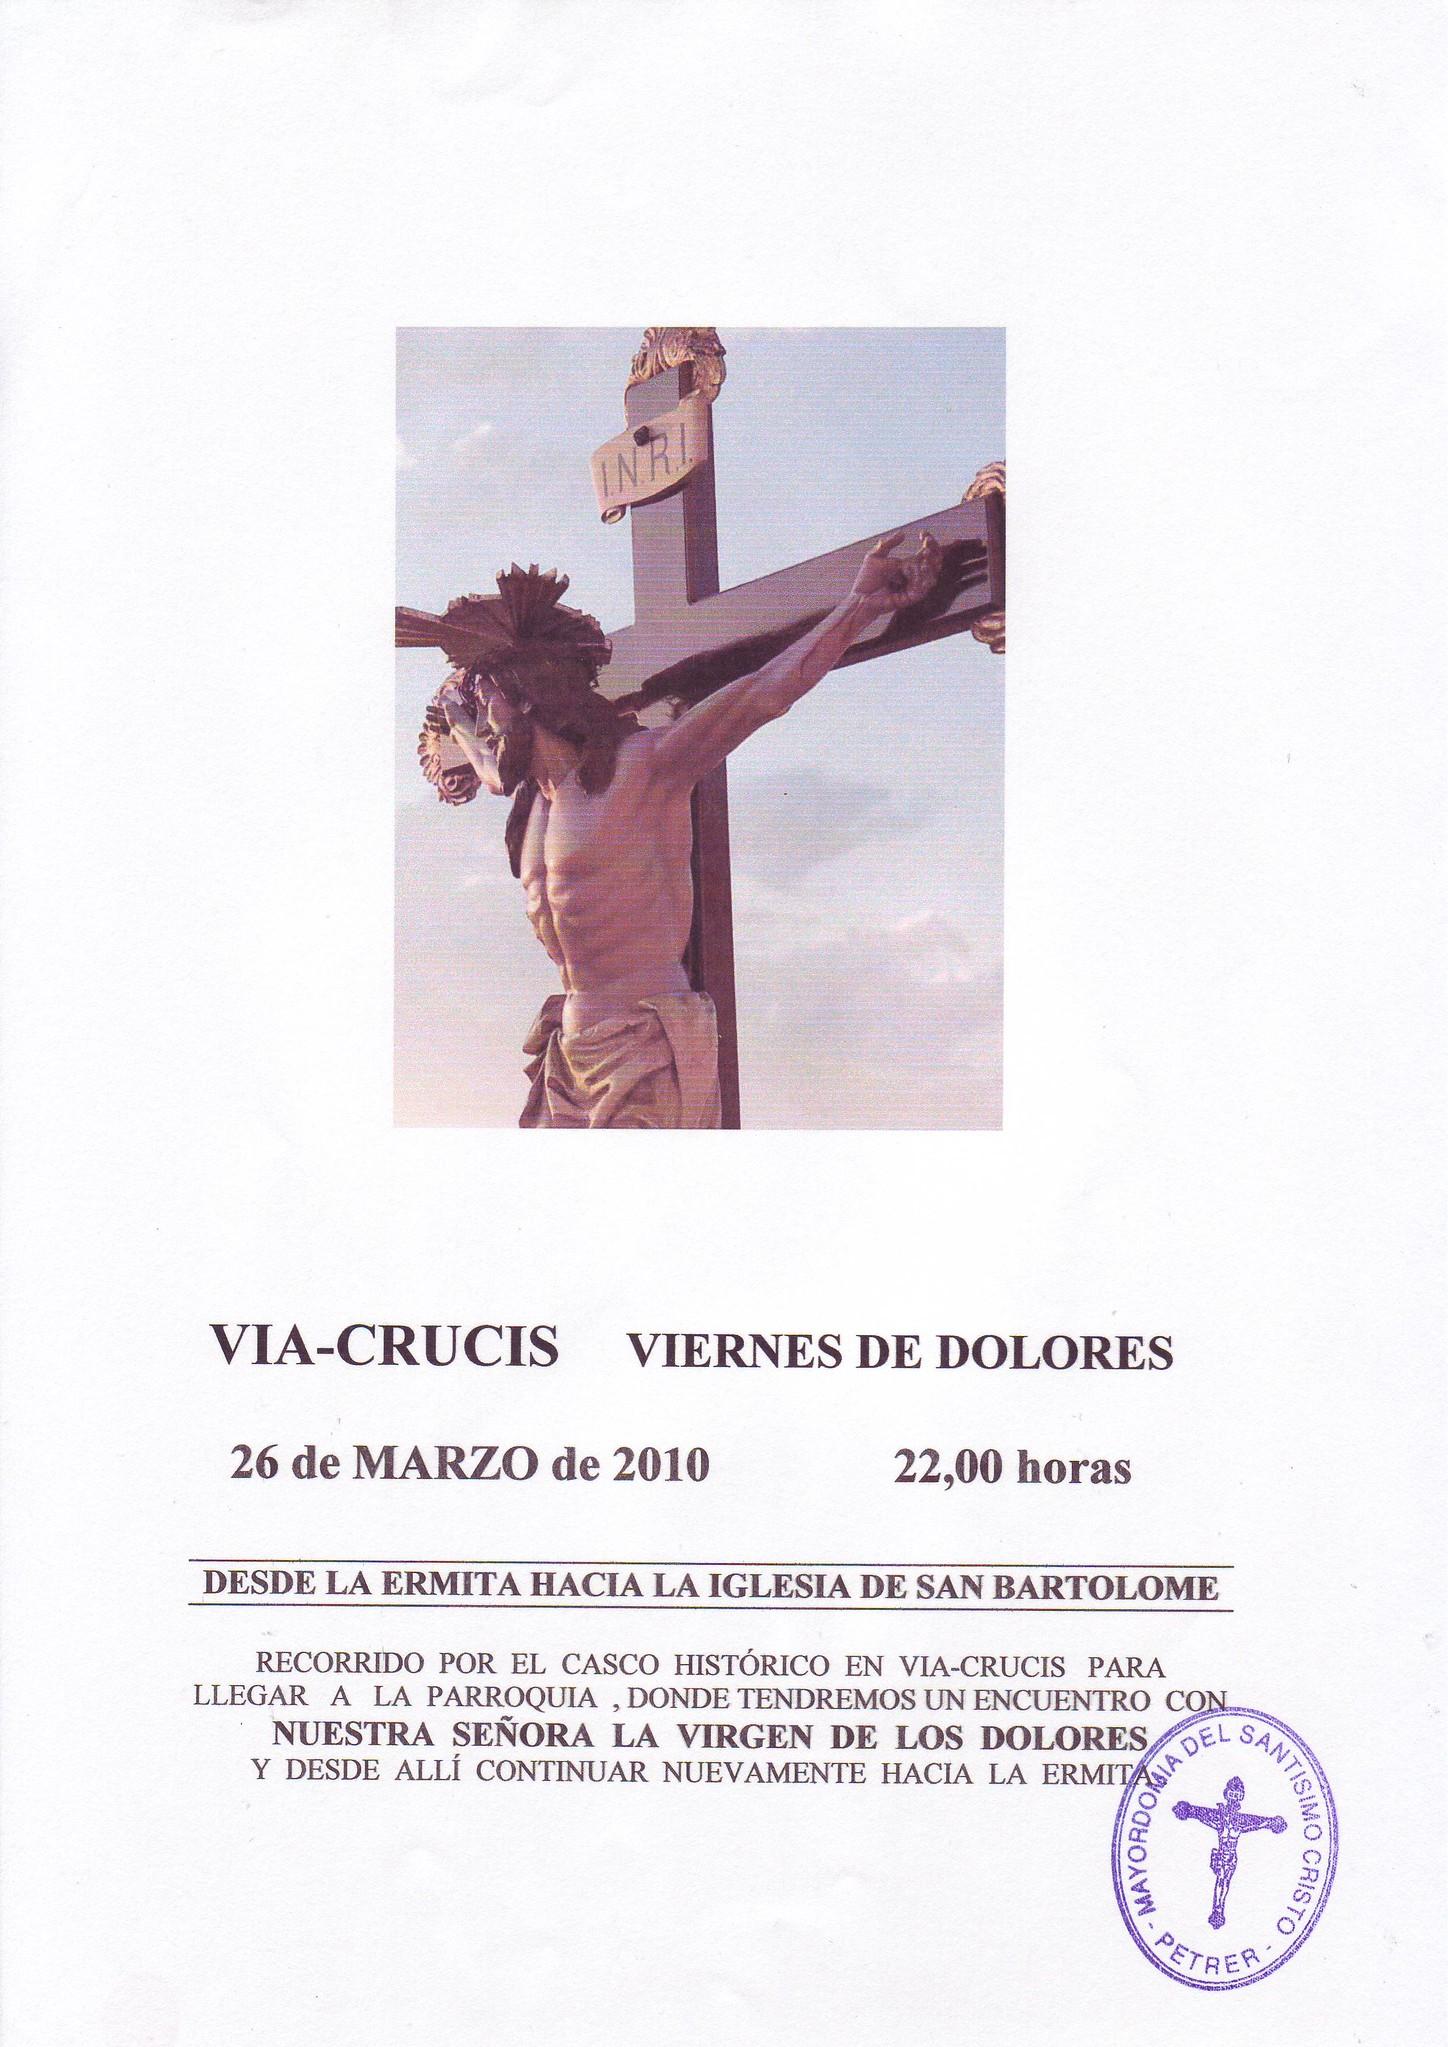 ElCristo - Historia - Documentos - (2010-03-26) - Cartel I Vía-Crucis nocturno